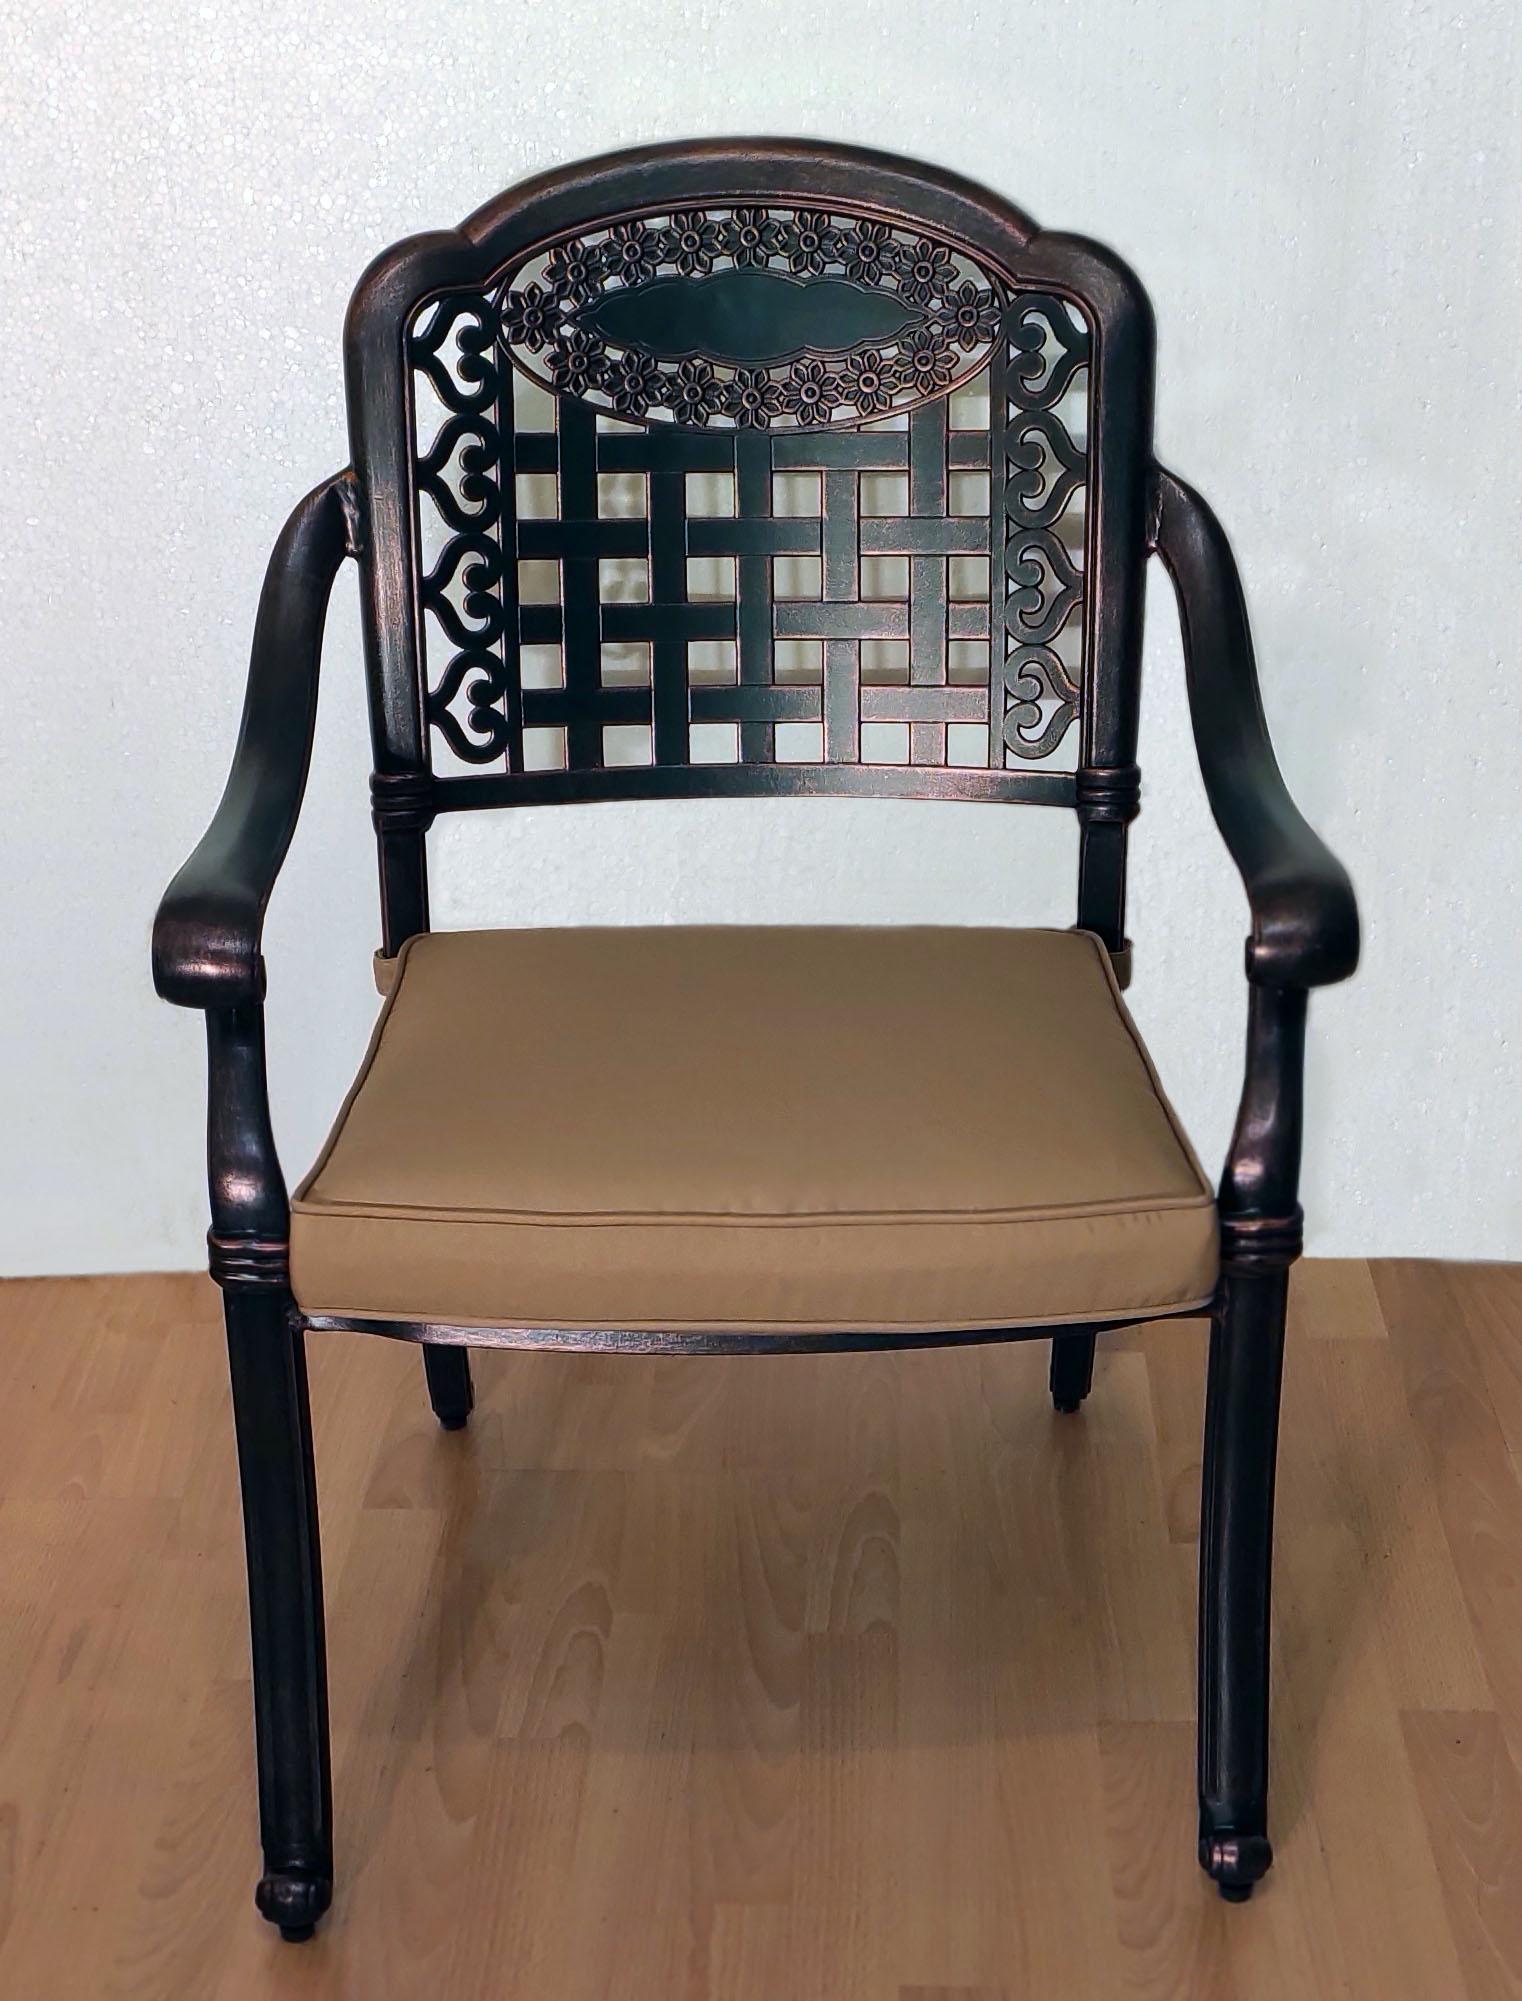 Кресло уличное металлическое, мебель из литого алюминия, стул для сада и дачи из металла, мебель для кафе из металла, уличная мебель из алюминия и чугуна, чугунная мебель, металлический стул садовый